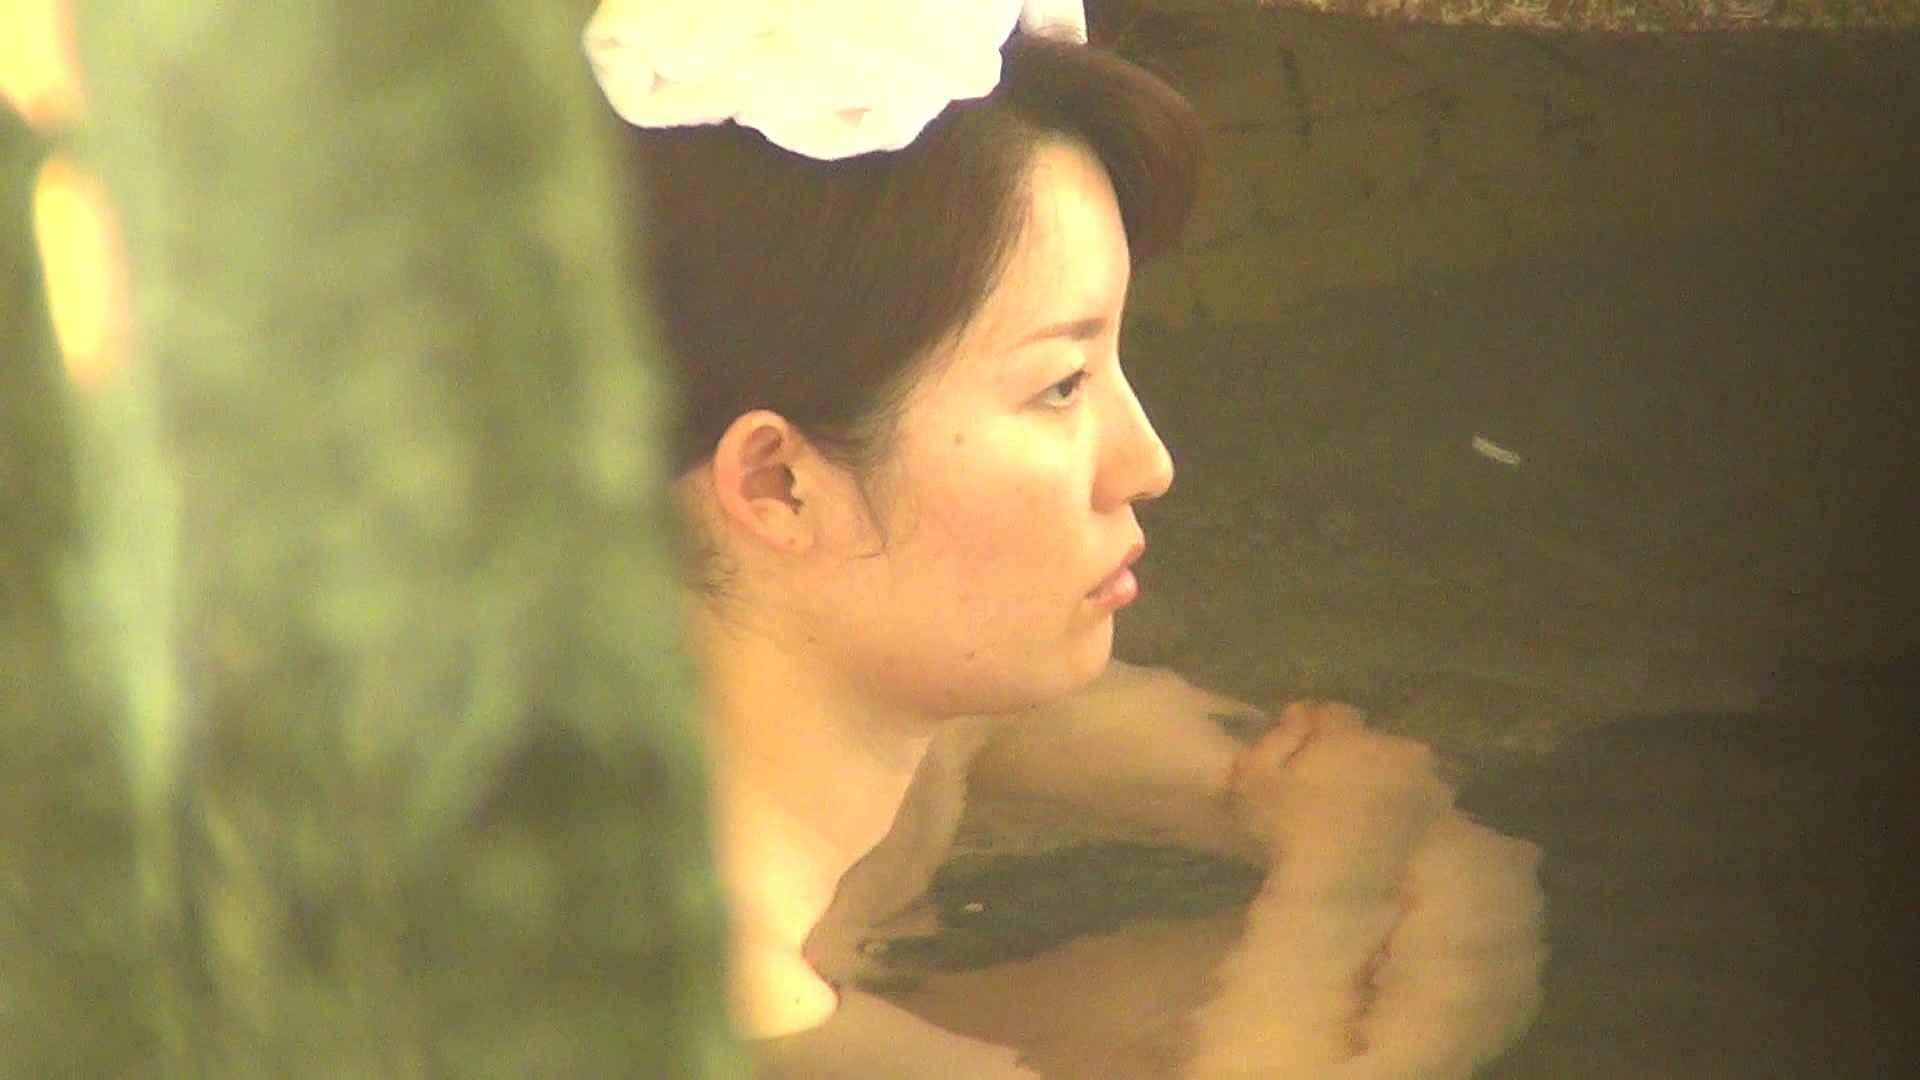 Aquaな露天風呂Vol.301 盗撮 | 露天風呂  112連発 100